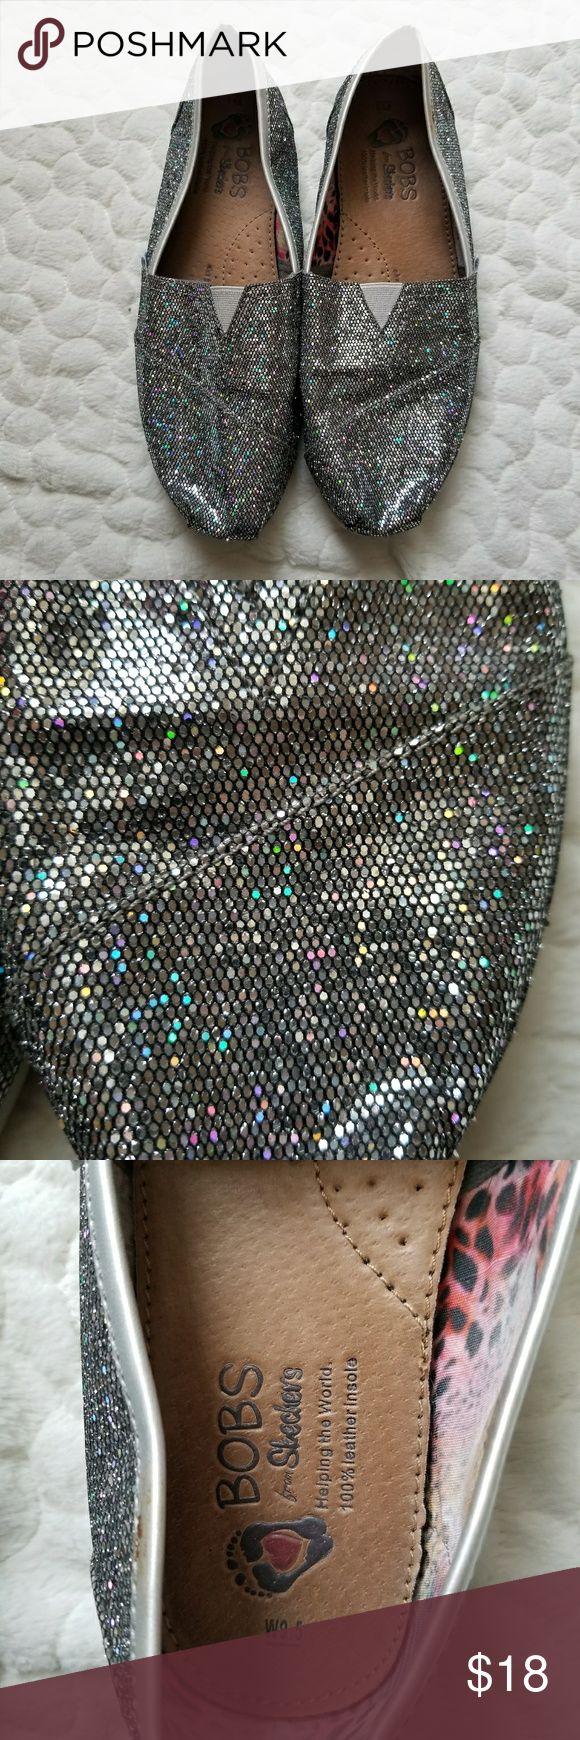 Bobs skechers slip on shoe silver glitter 9.5 flat ** Bobs skechers slip on shoe. Glittery silver in color. In great shape. Size is 9.5** Skechers Shoes Flats & Loafers